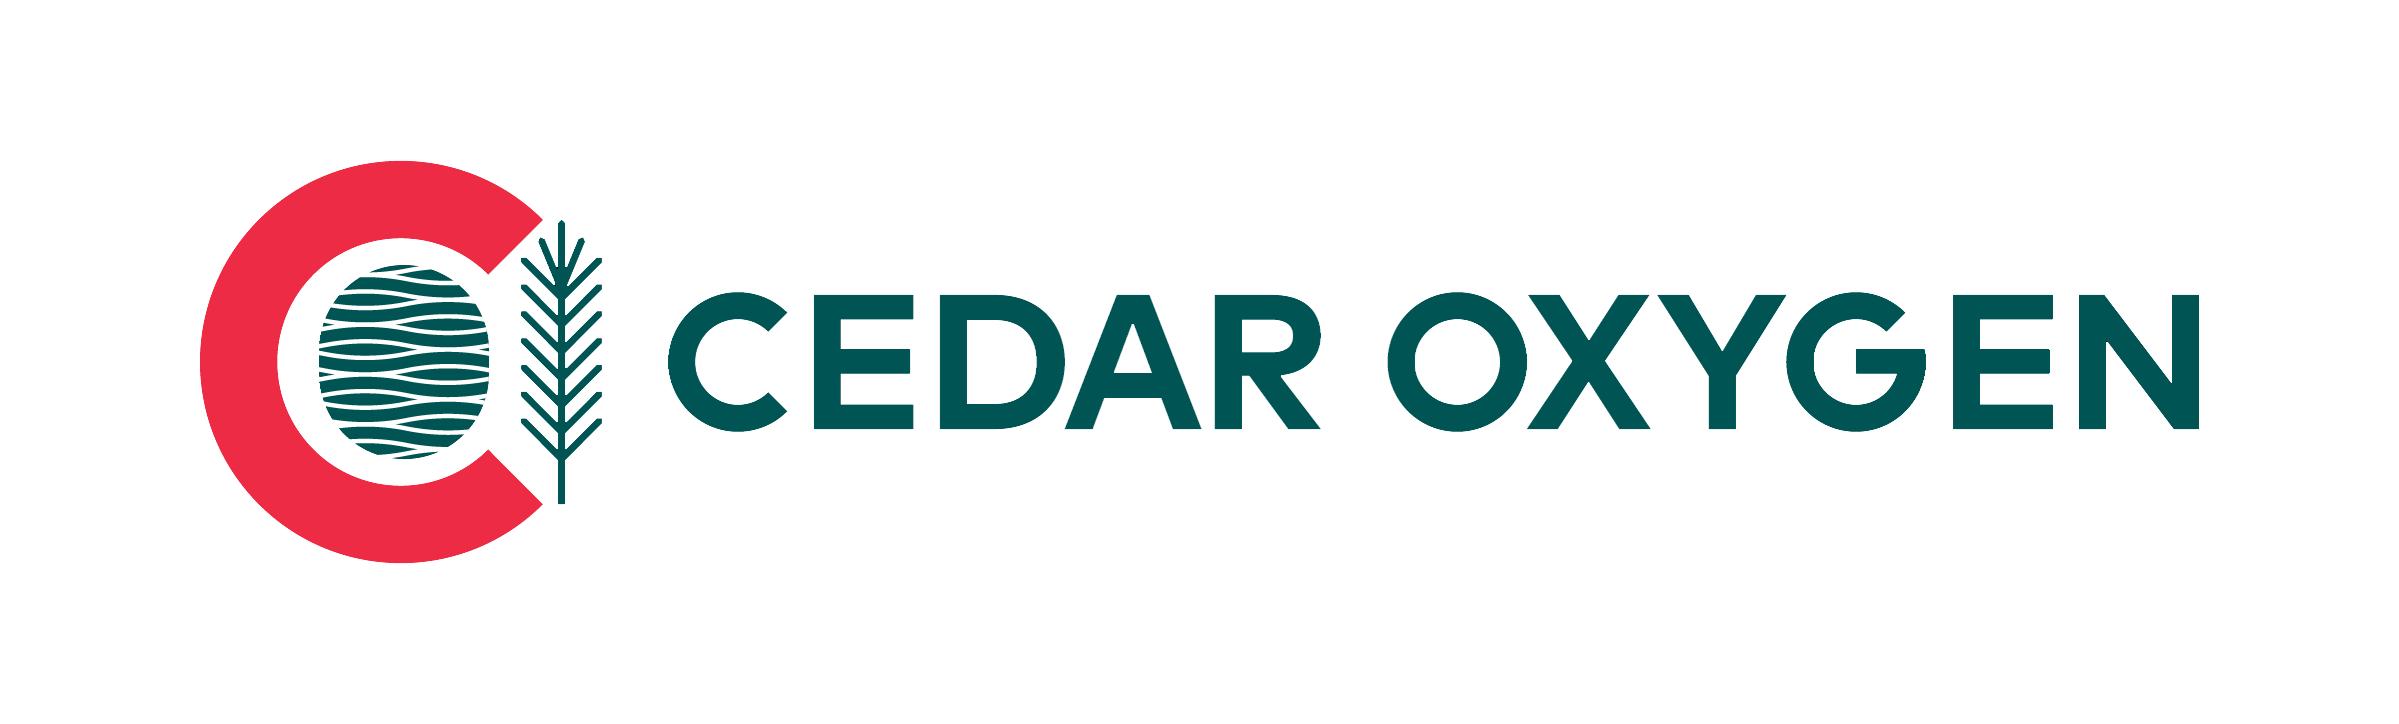 Cedar Oxygen Deploys First Impact Trade Financing to Lebanon